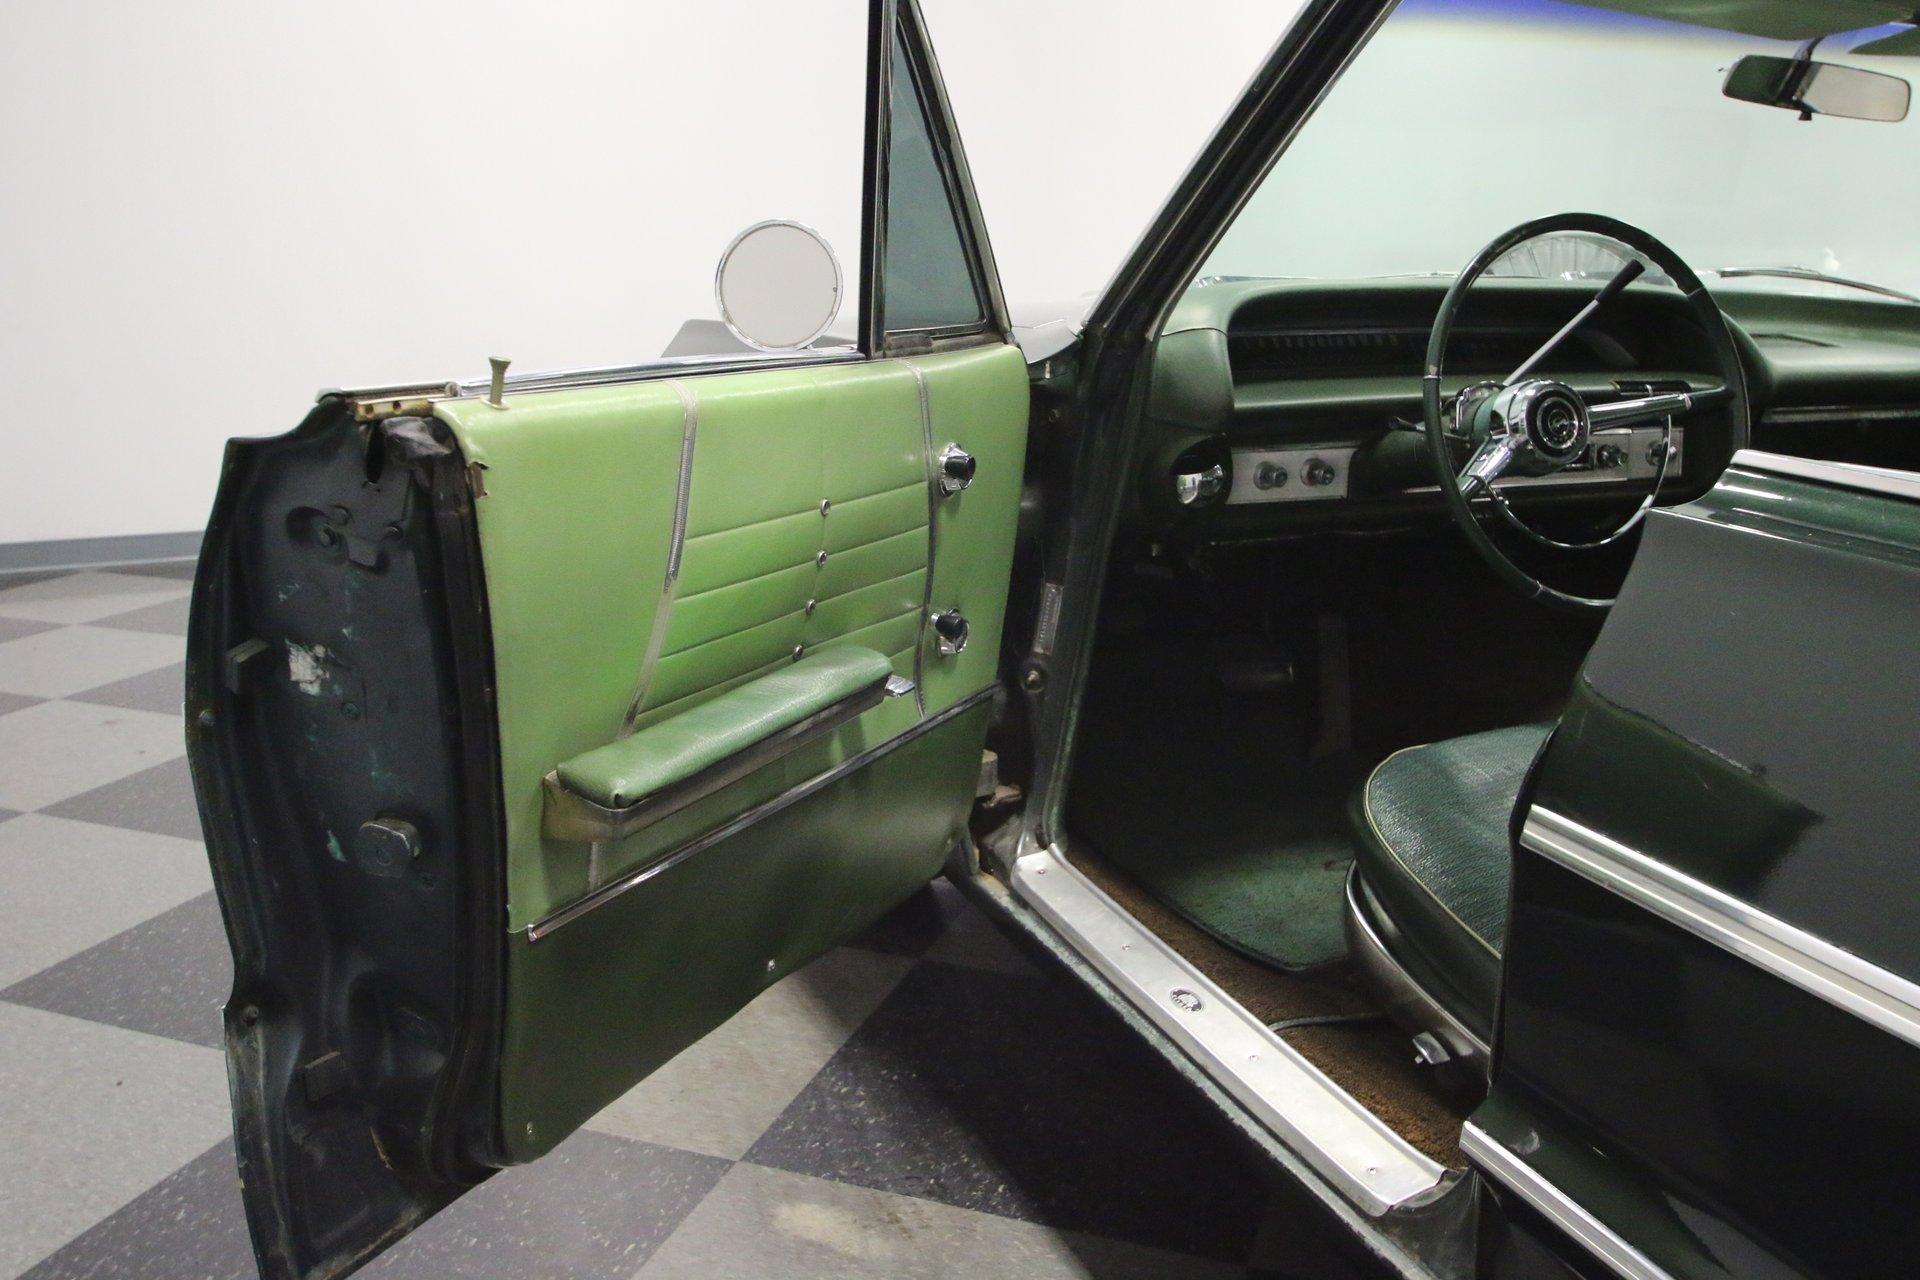 Remarkable 1964 Chevrolet Impala Streetside Classics The Nations Short Links Chair Design For Home Short Linksinfo